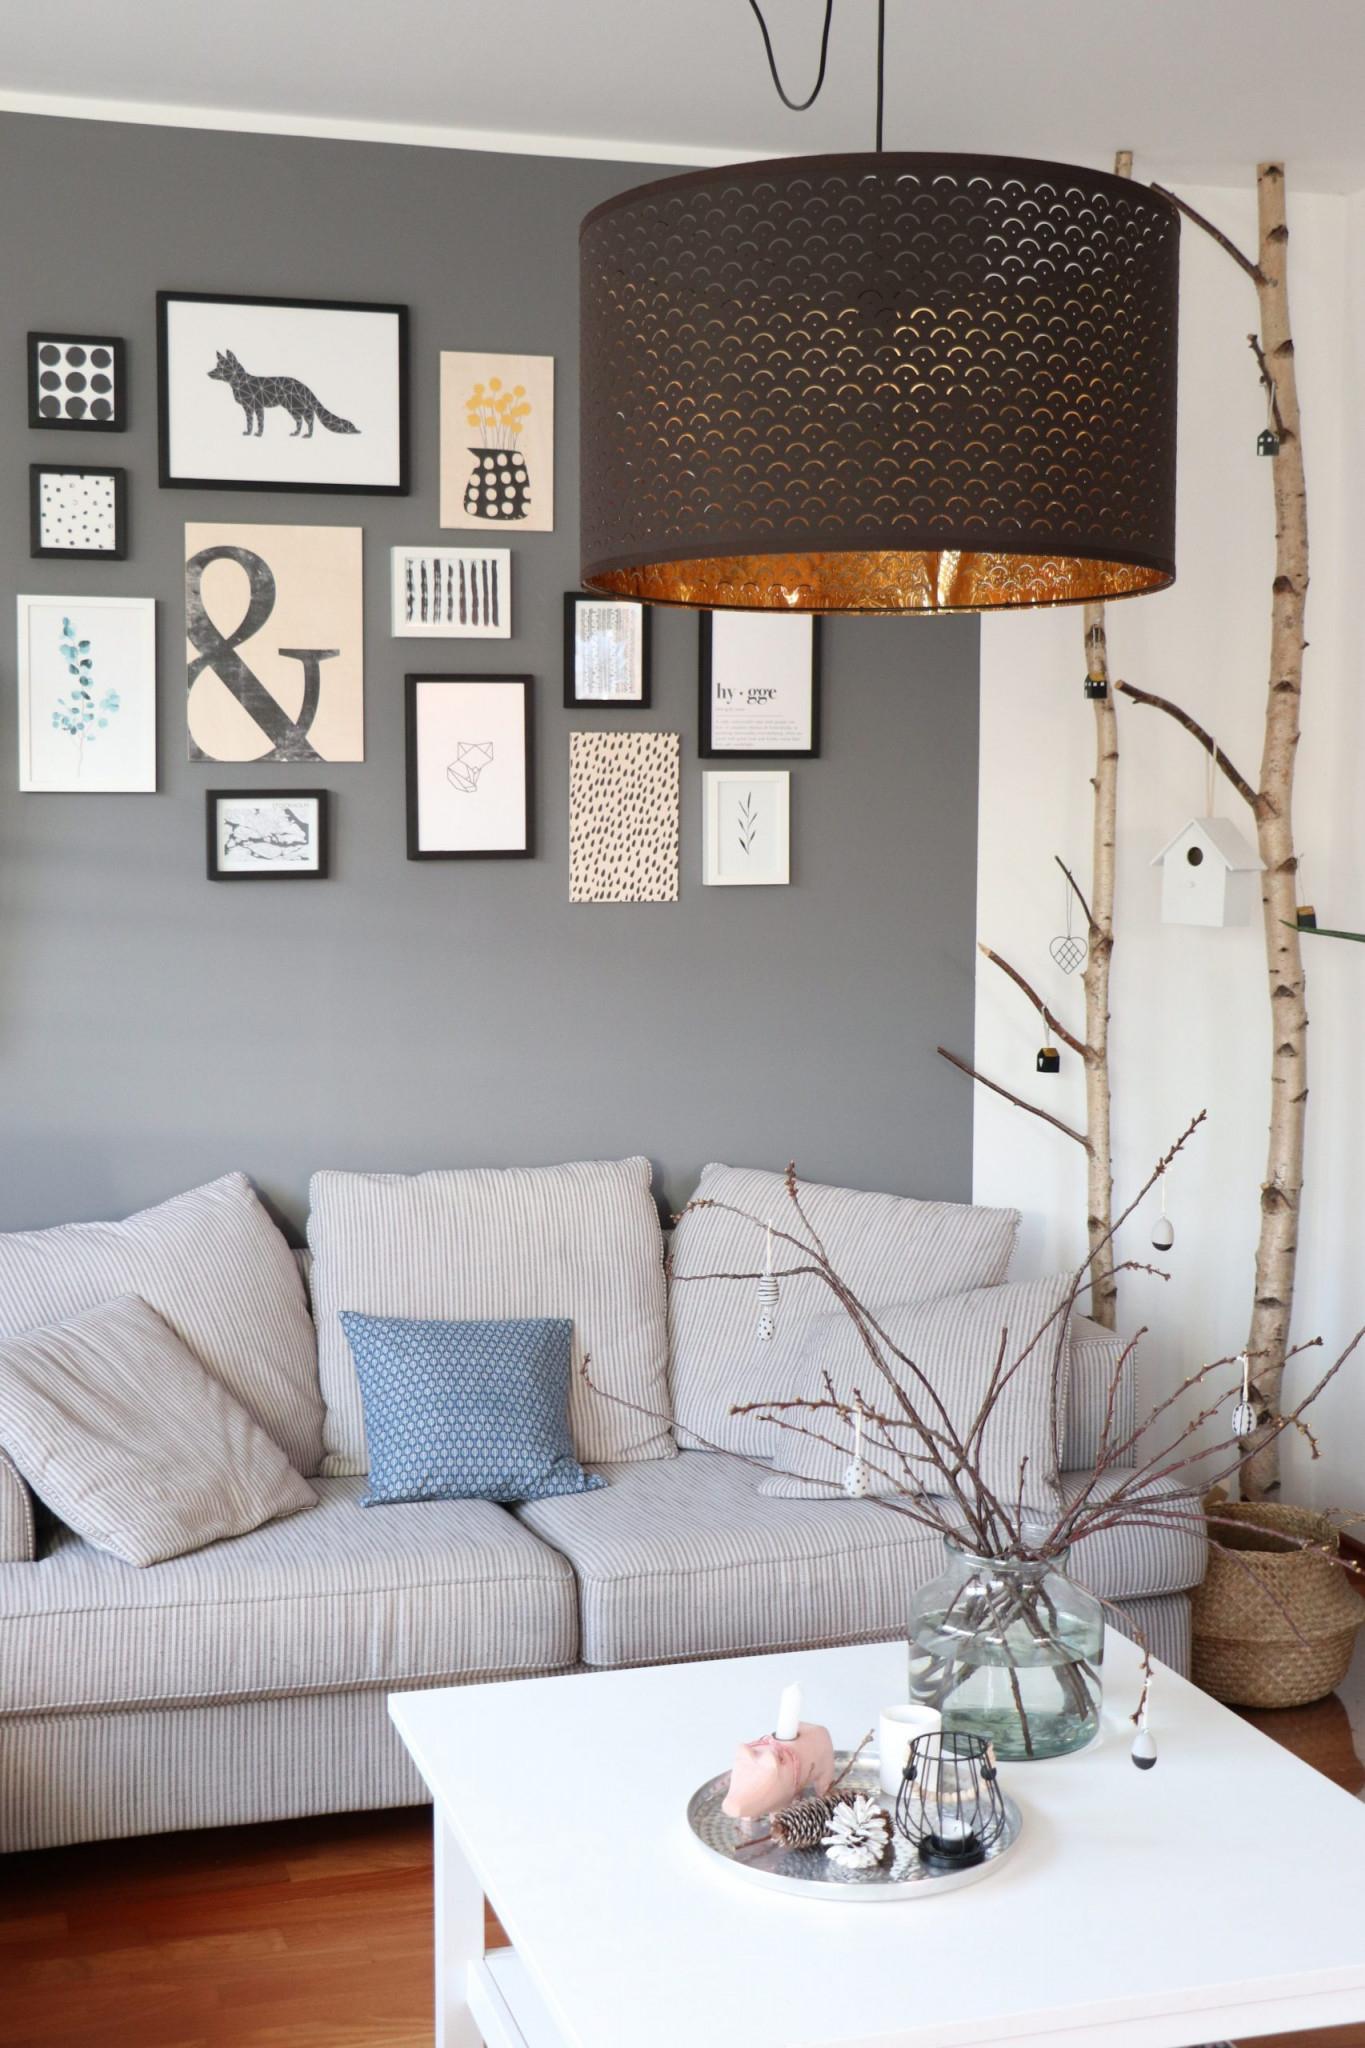 Bilderwand Ideen Wohnzimmer  Lavendelblog von Ideen Bilder Wohnzimmer Bild